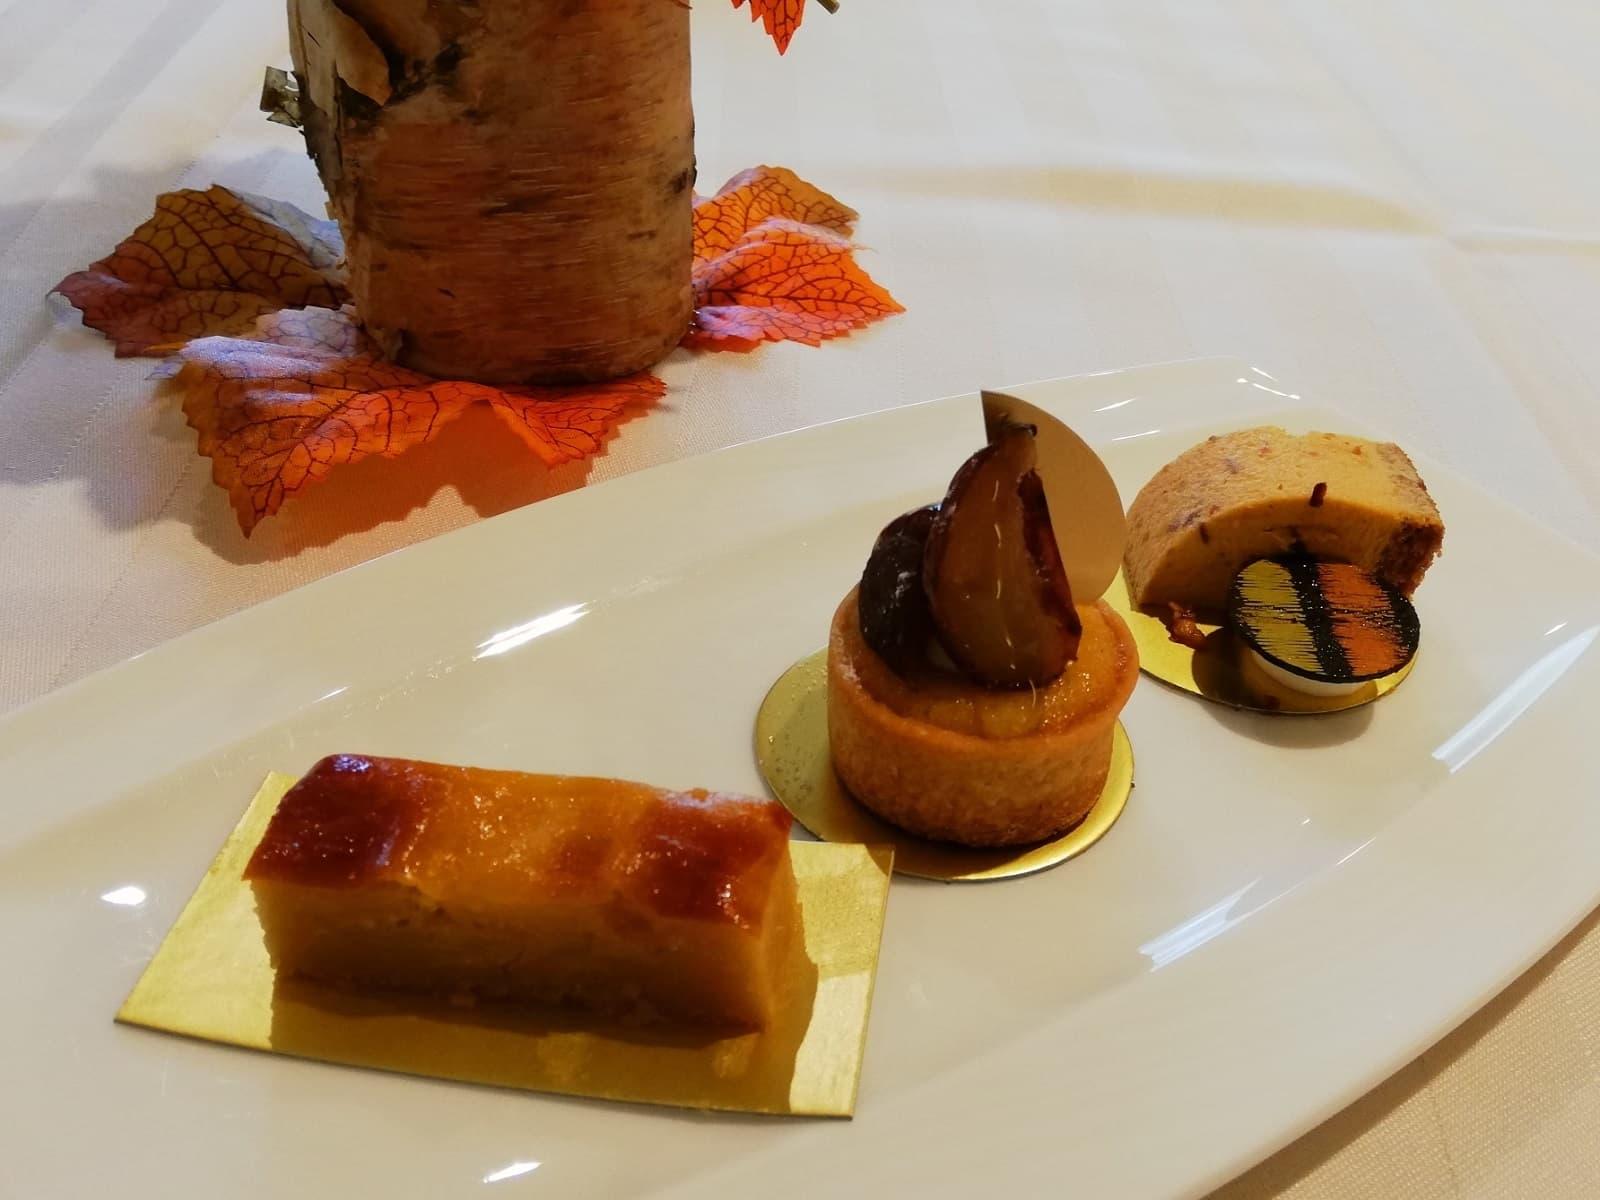 2020年の太閤園のいもくりなんきんビュッフェは、いもくりなんきん収穫祭よくばりプレート&スイーツ食べ放題